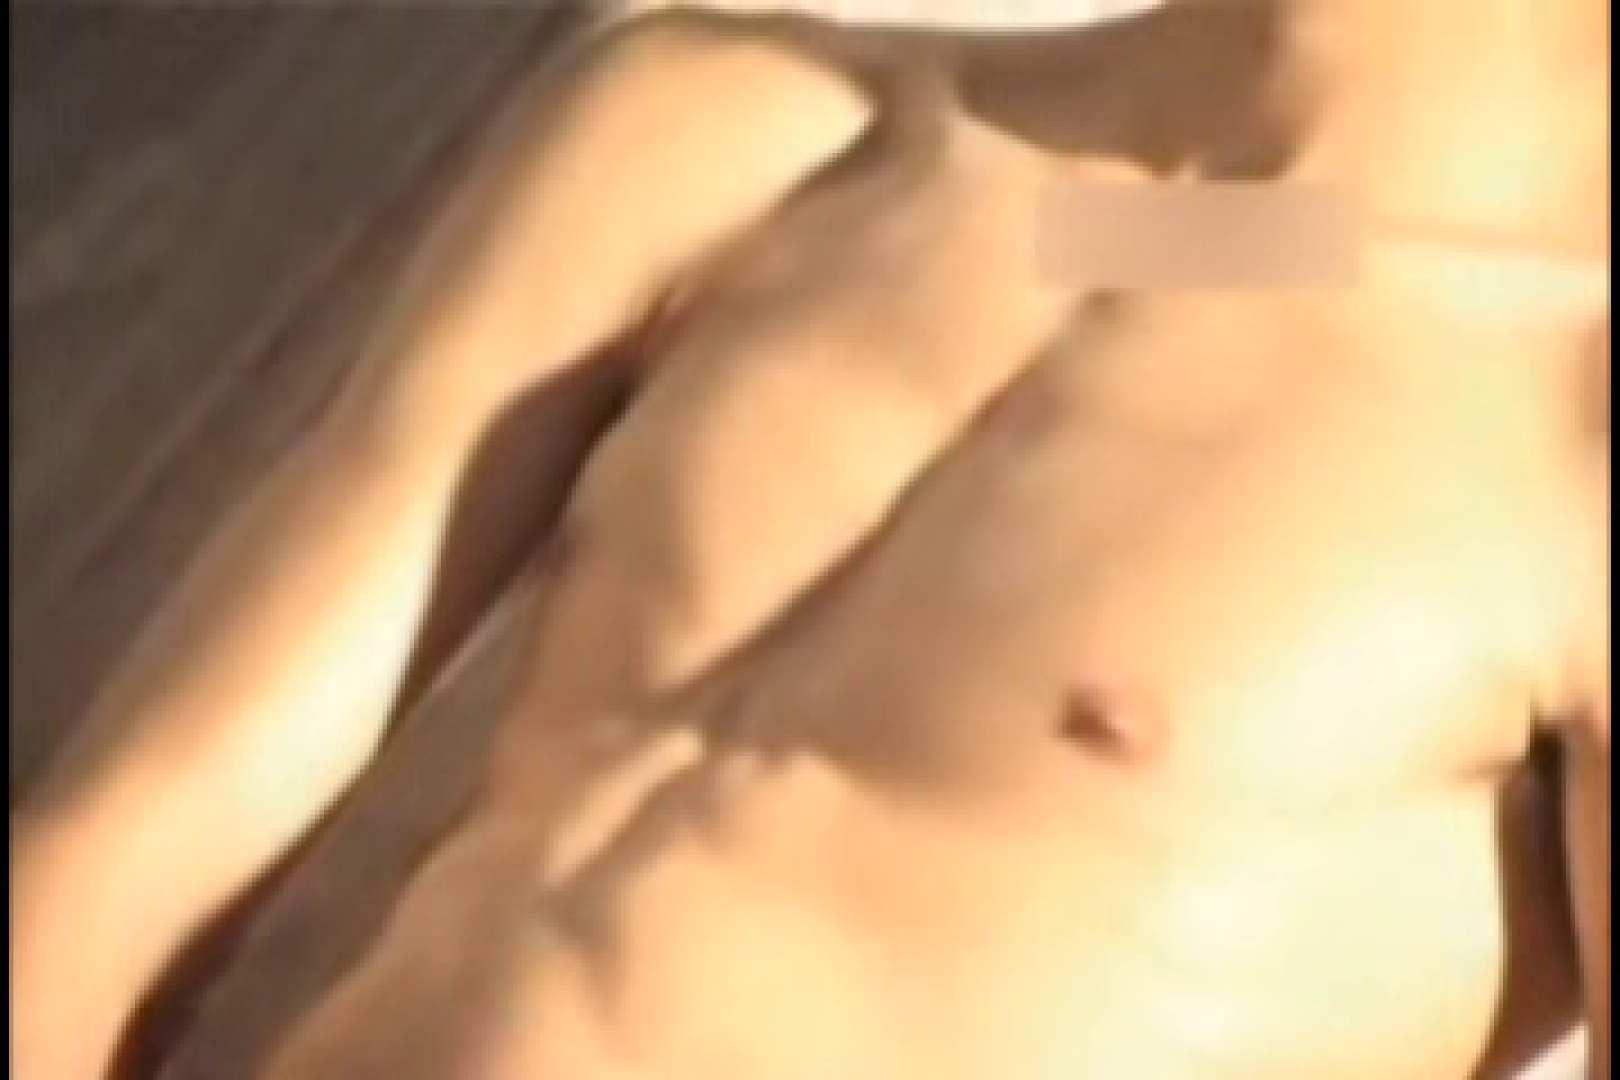 流出!!中出スーパーモデルya● jin hao モデル アダルトビデオ画像キャプチャ 87枚 36